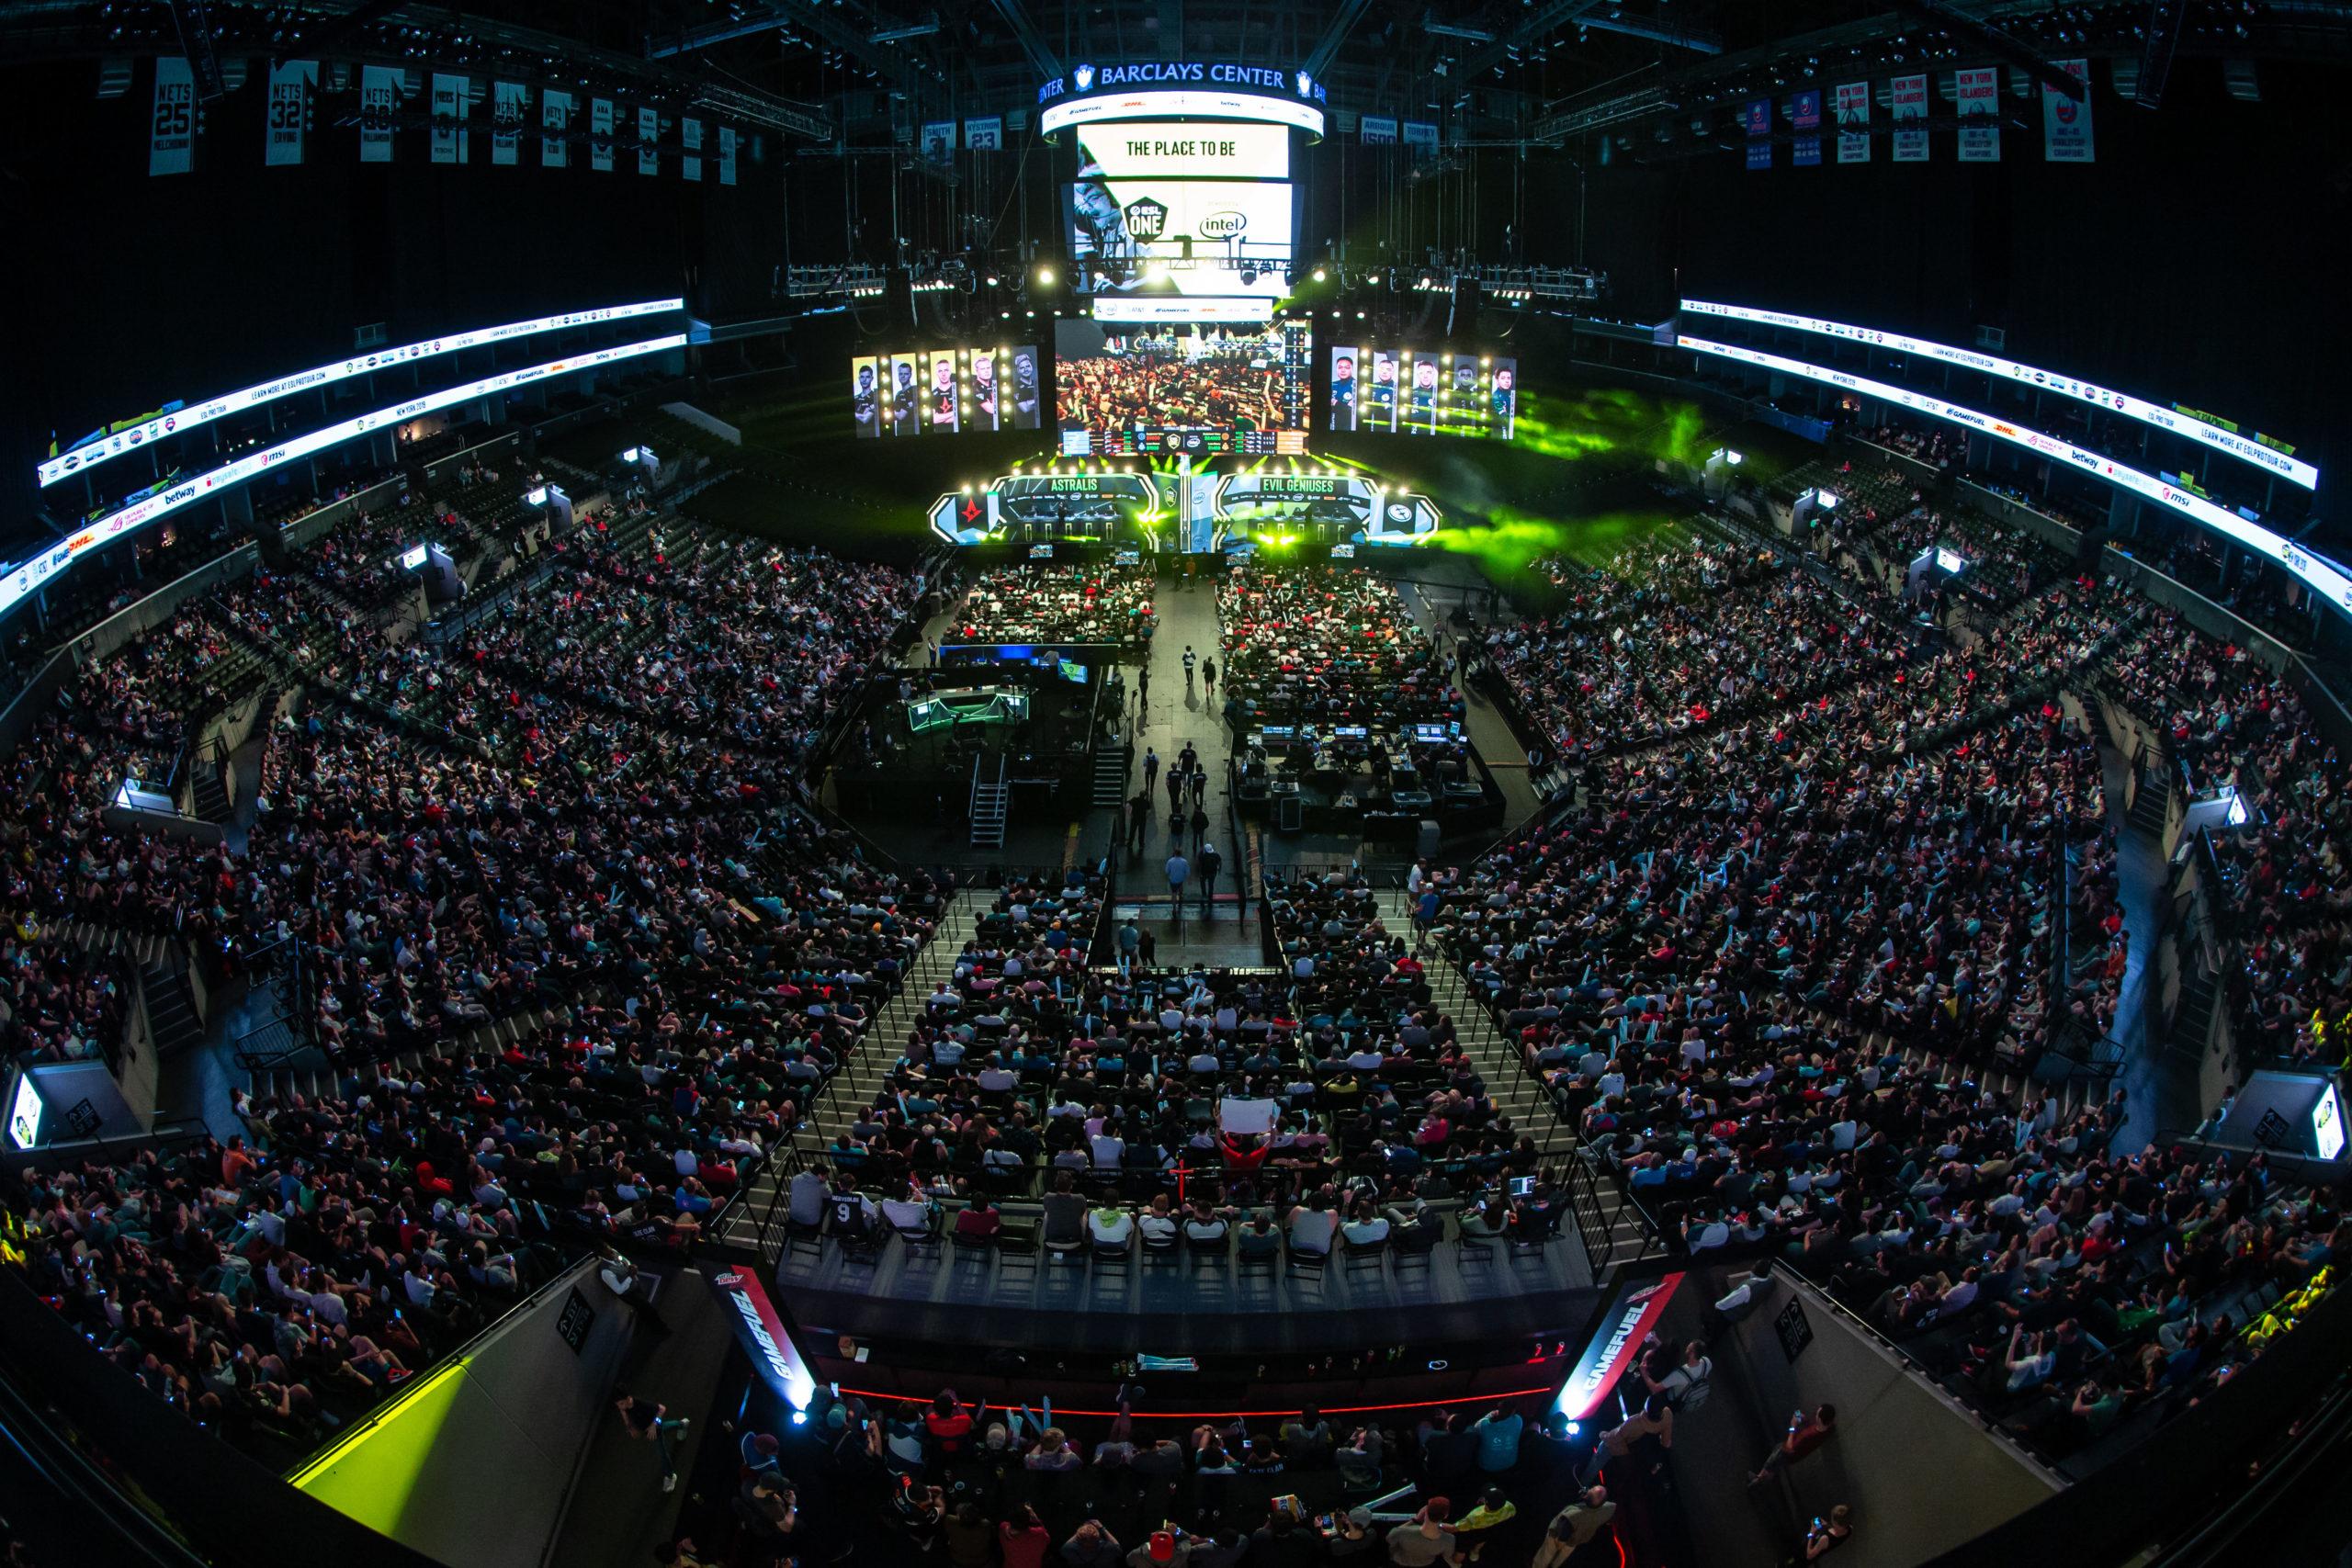 Intel Extreme Masters New York 2020: Online turniejem kwalifikacyjnym do ESL One Rio 2020 Major Championship 1